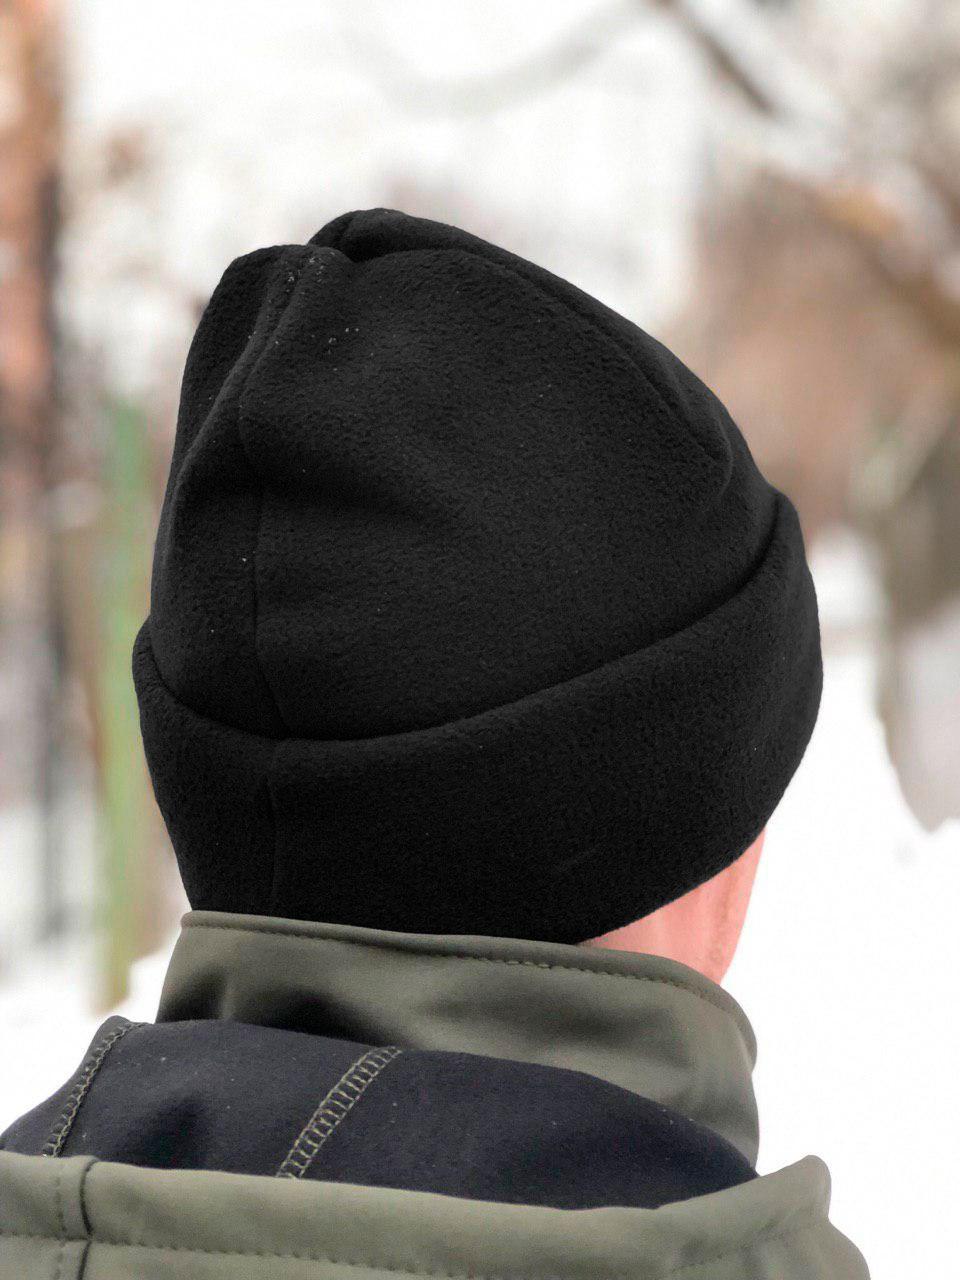 Флисовая шапка Polar Watch Cap двухслойная Fleece Elite (черная)